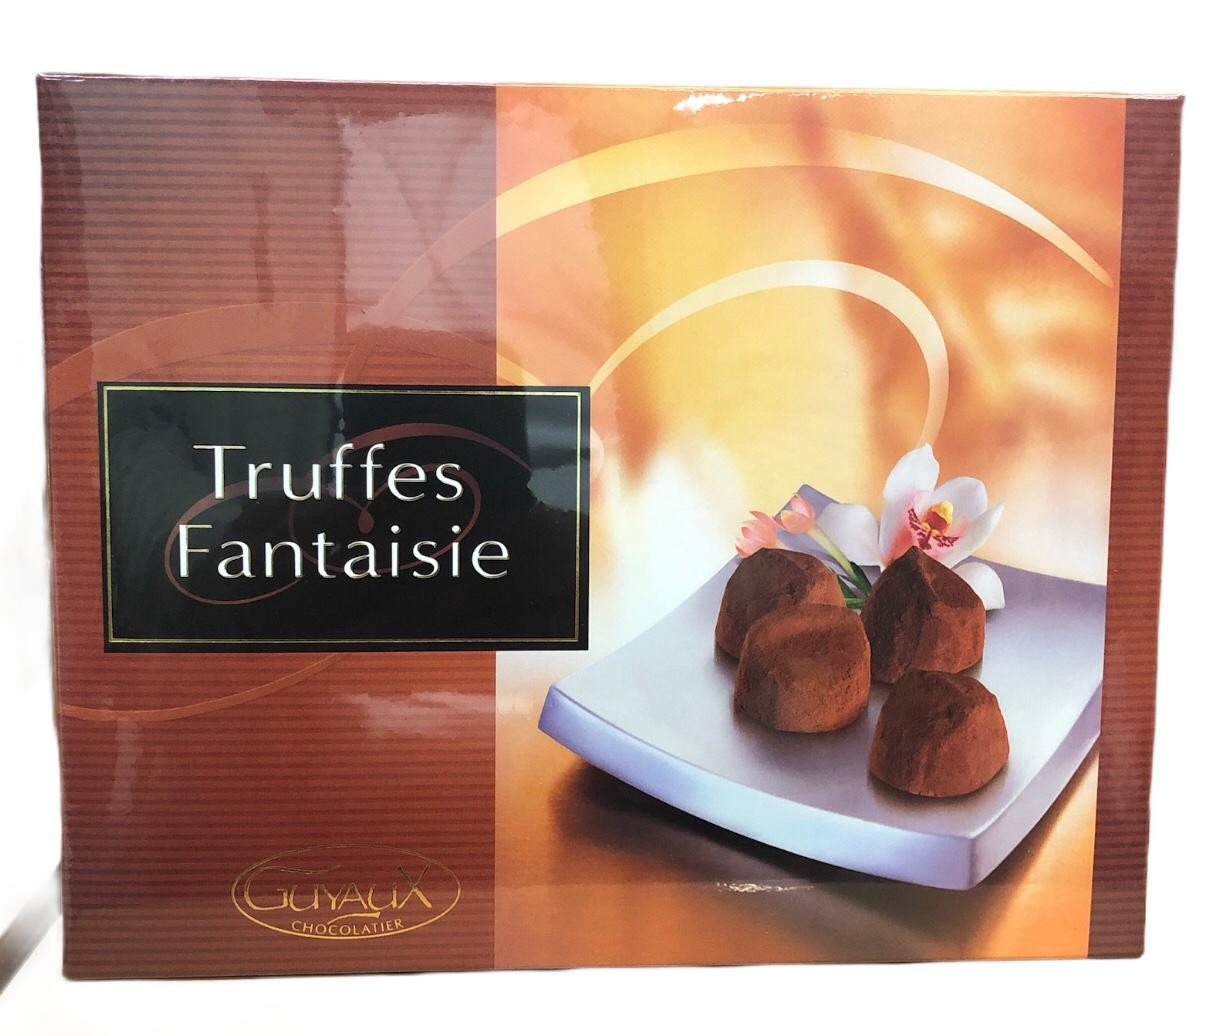 Guyaux Chocolatier Truffes Fantaisie 200 g